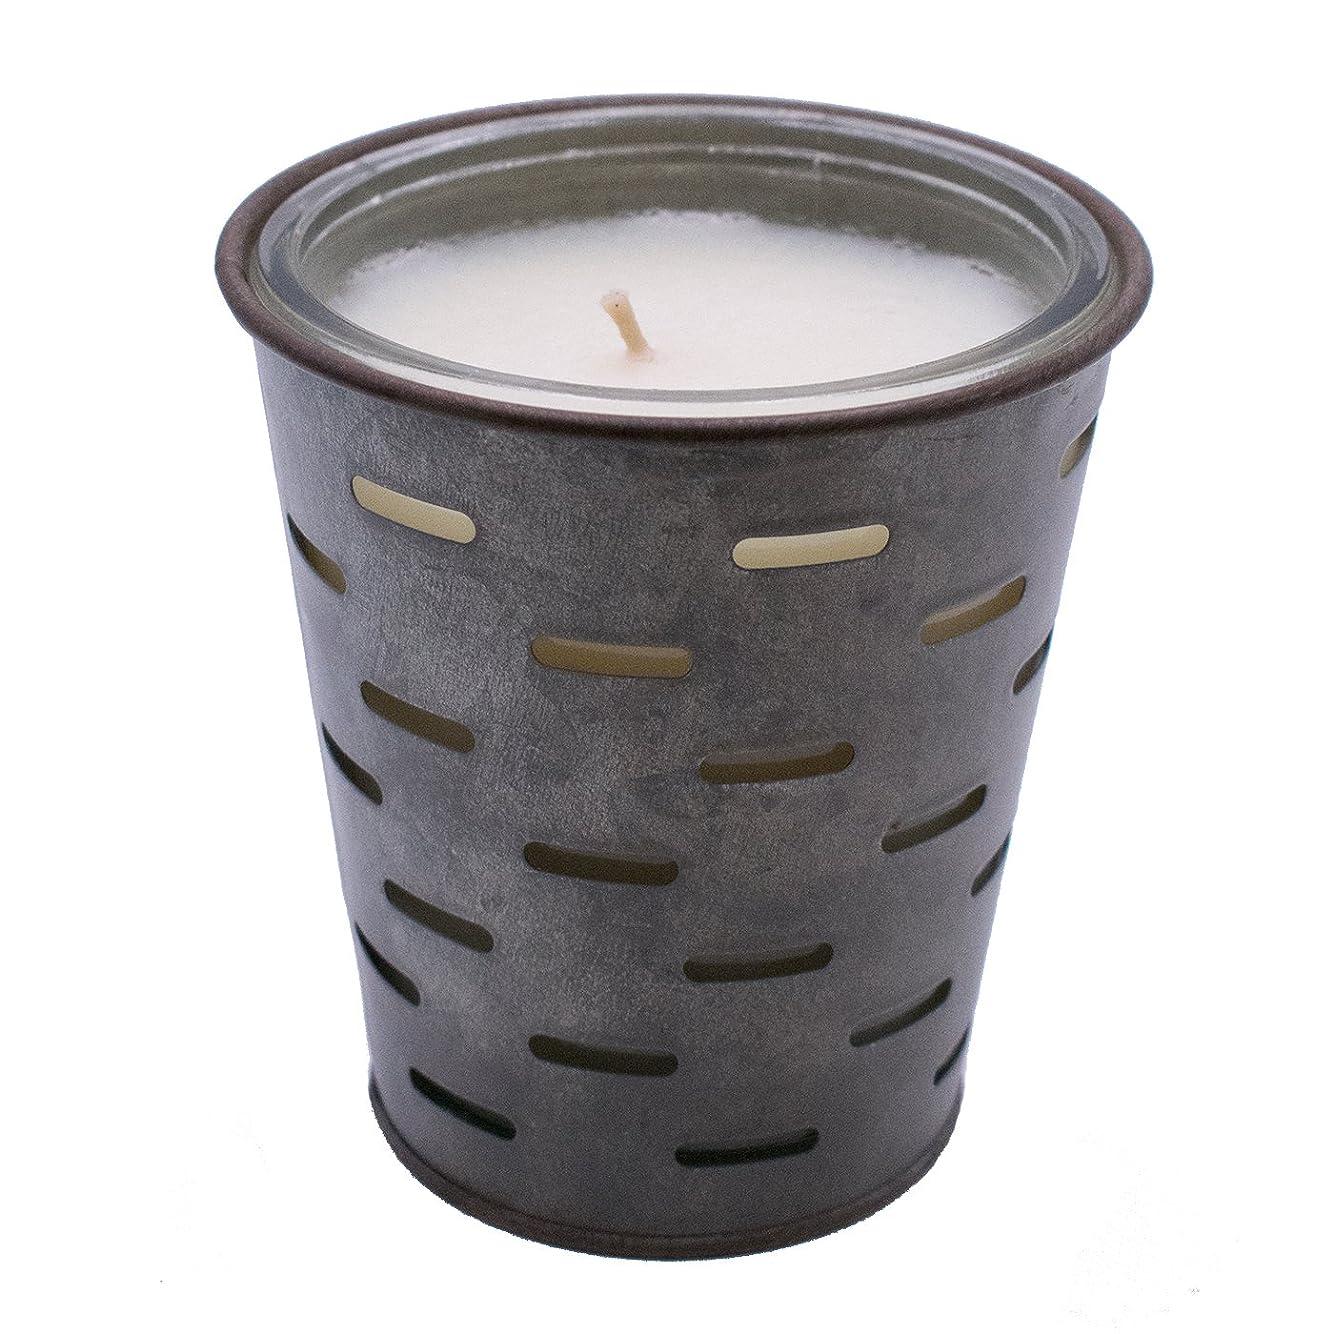 有害なファーム光沢のあるSweetオリーブ、オリーブバケットFragrance Candle優れ、香り、ガラスJar in Tin Pot亜鉛メッキ、13oz